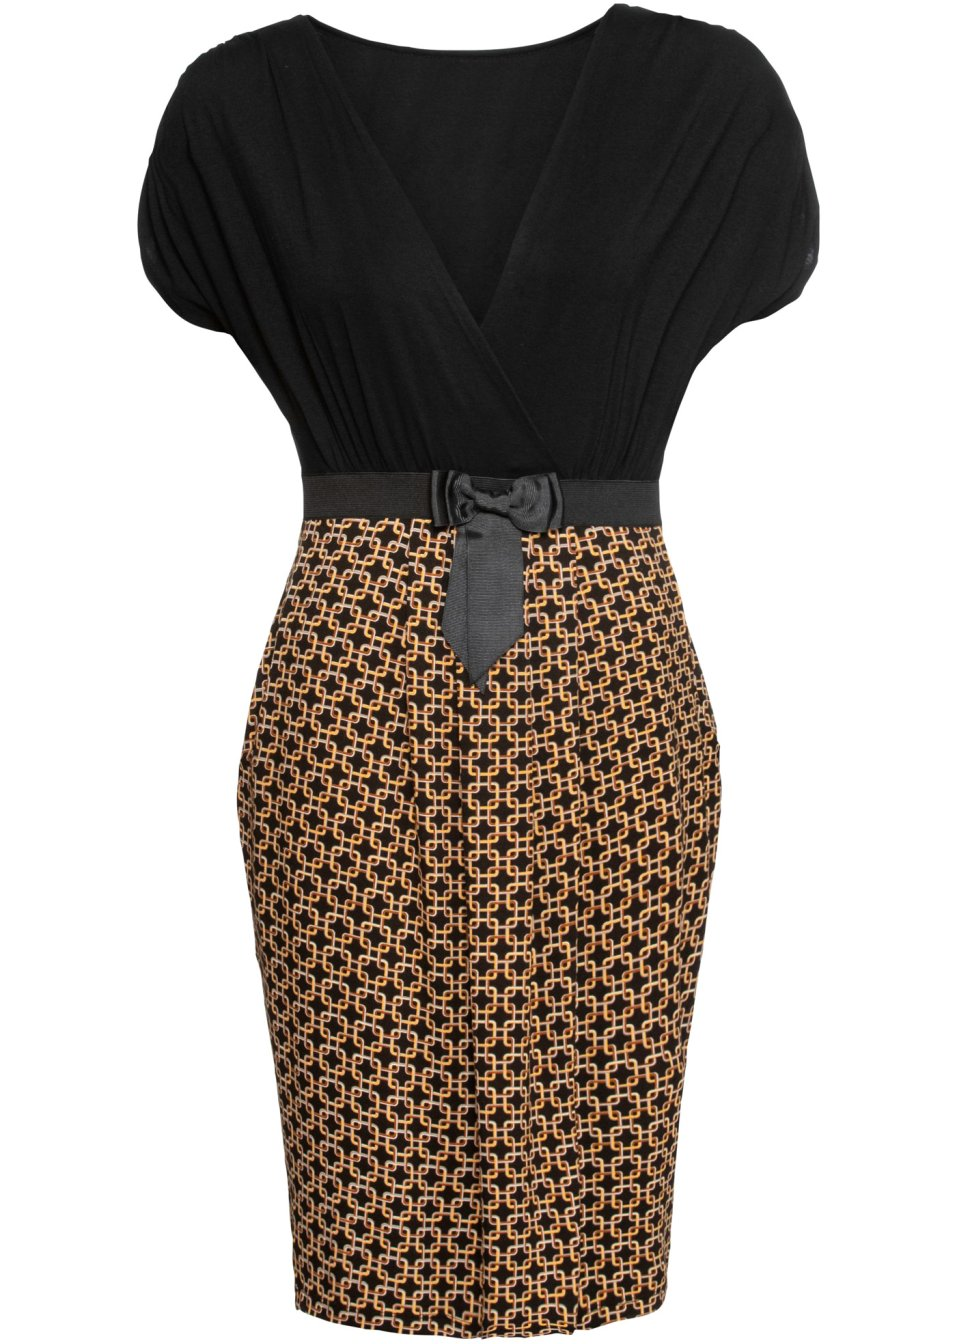 Shirtkleid mit erhöhter Taille und aufgenähtem Schleifengürtel - schwarz/braun gemustert uSV1T FKWfo